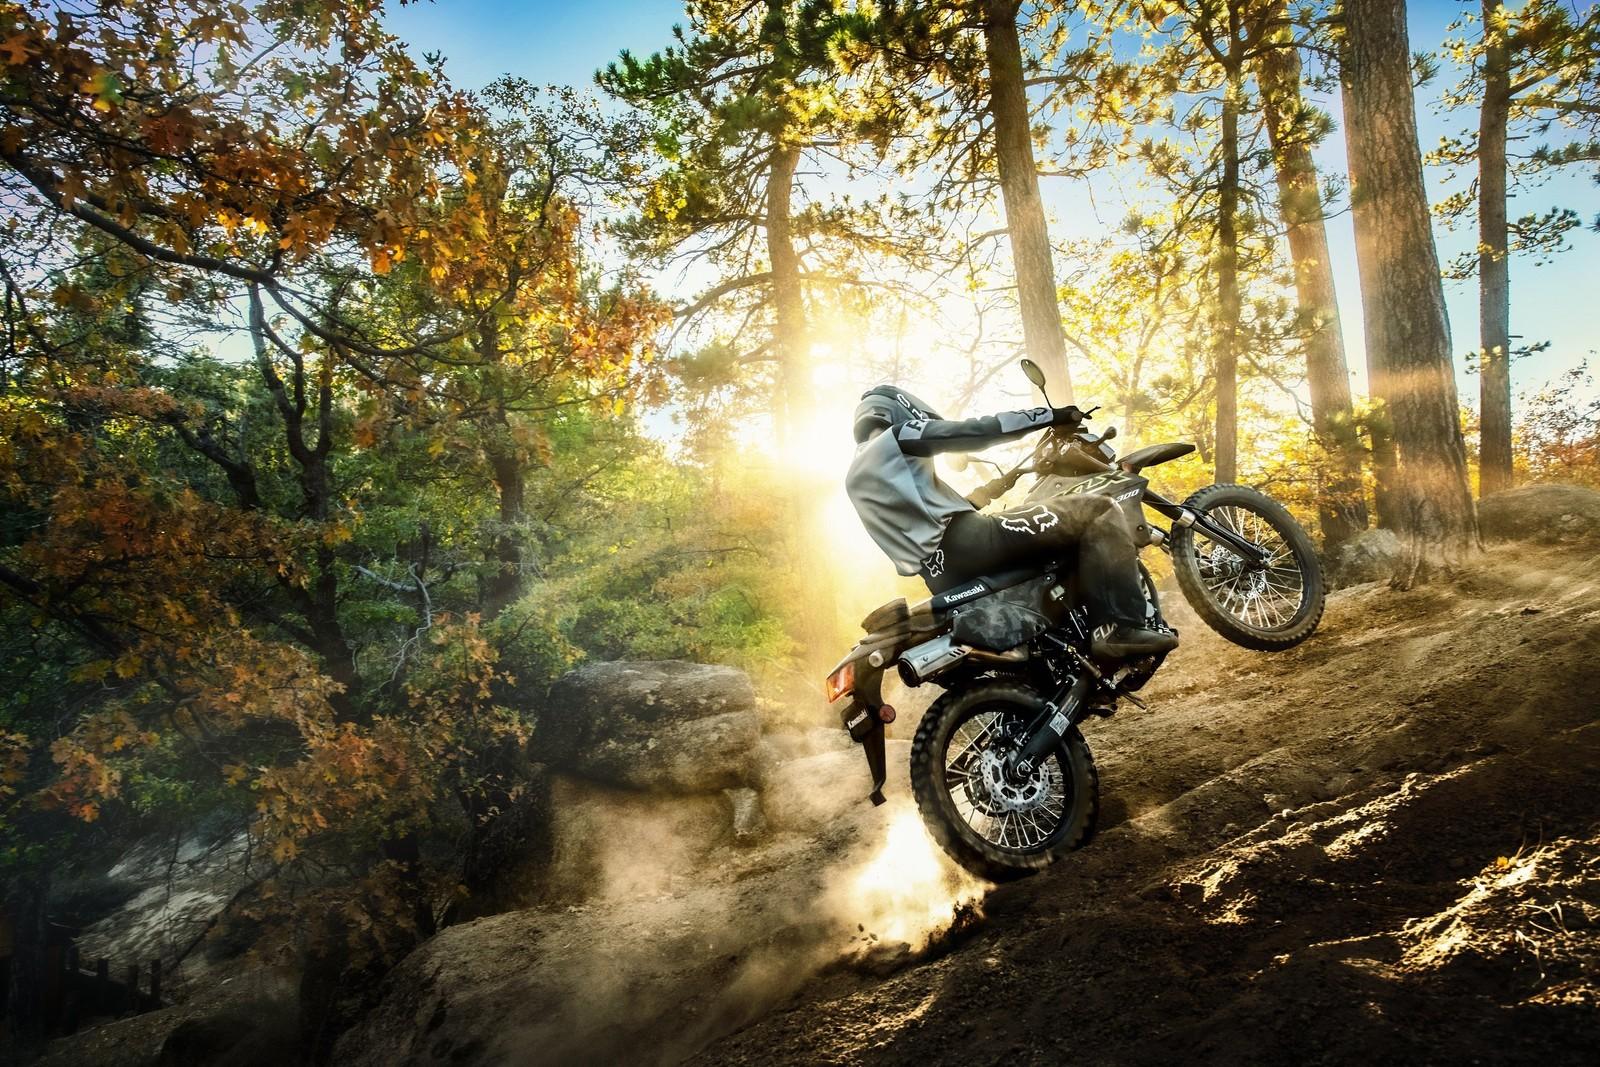 Kawasaki Announces 2021 KLX300 and KLX300SM